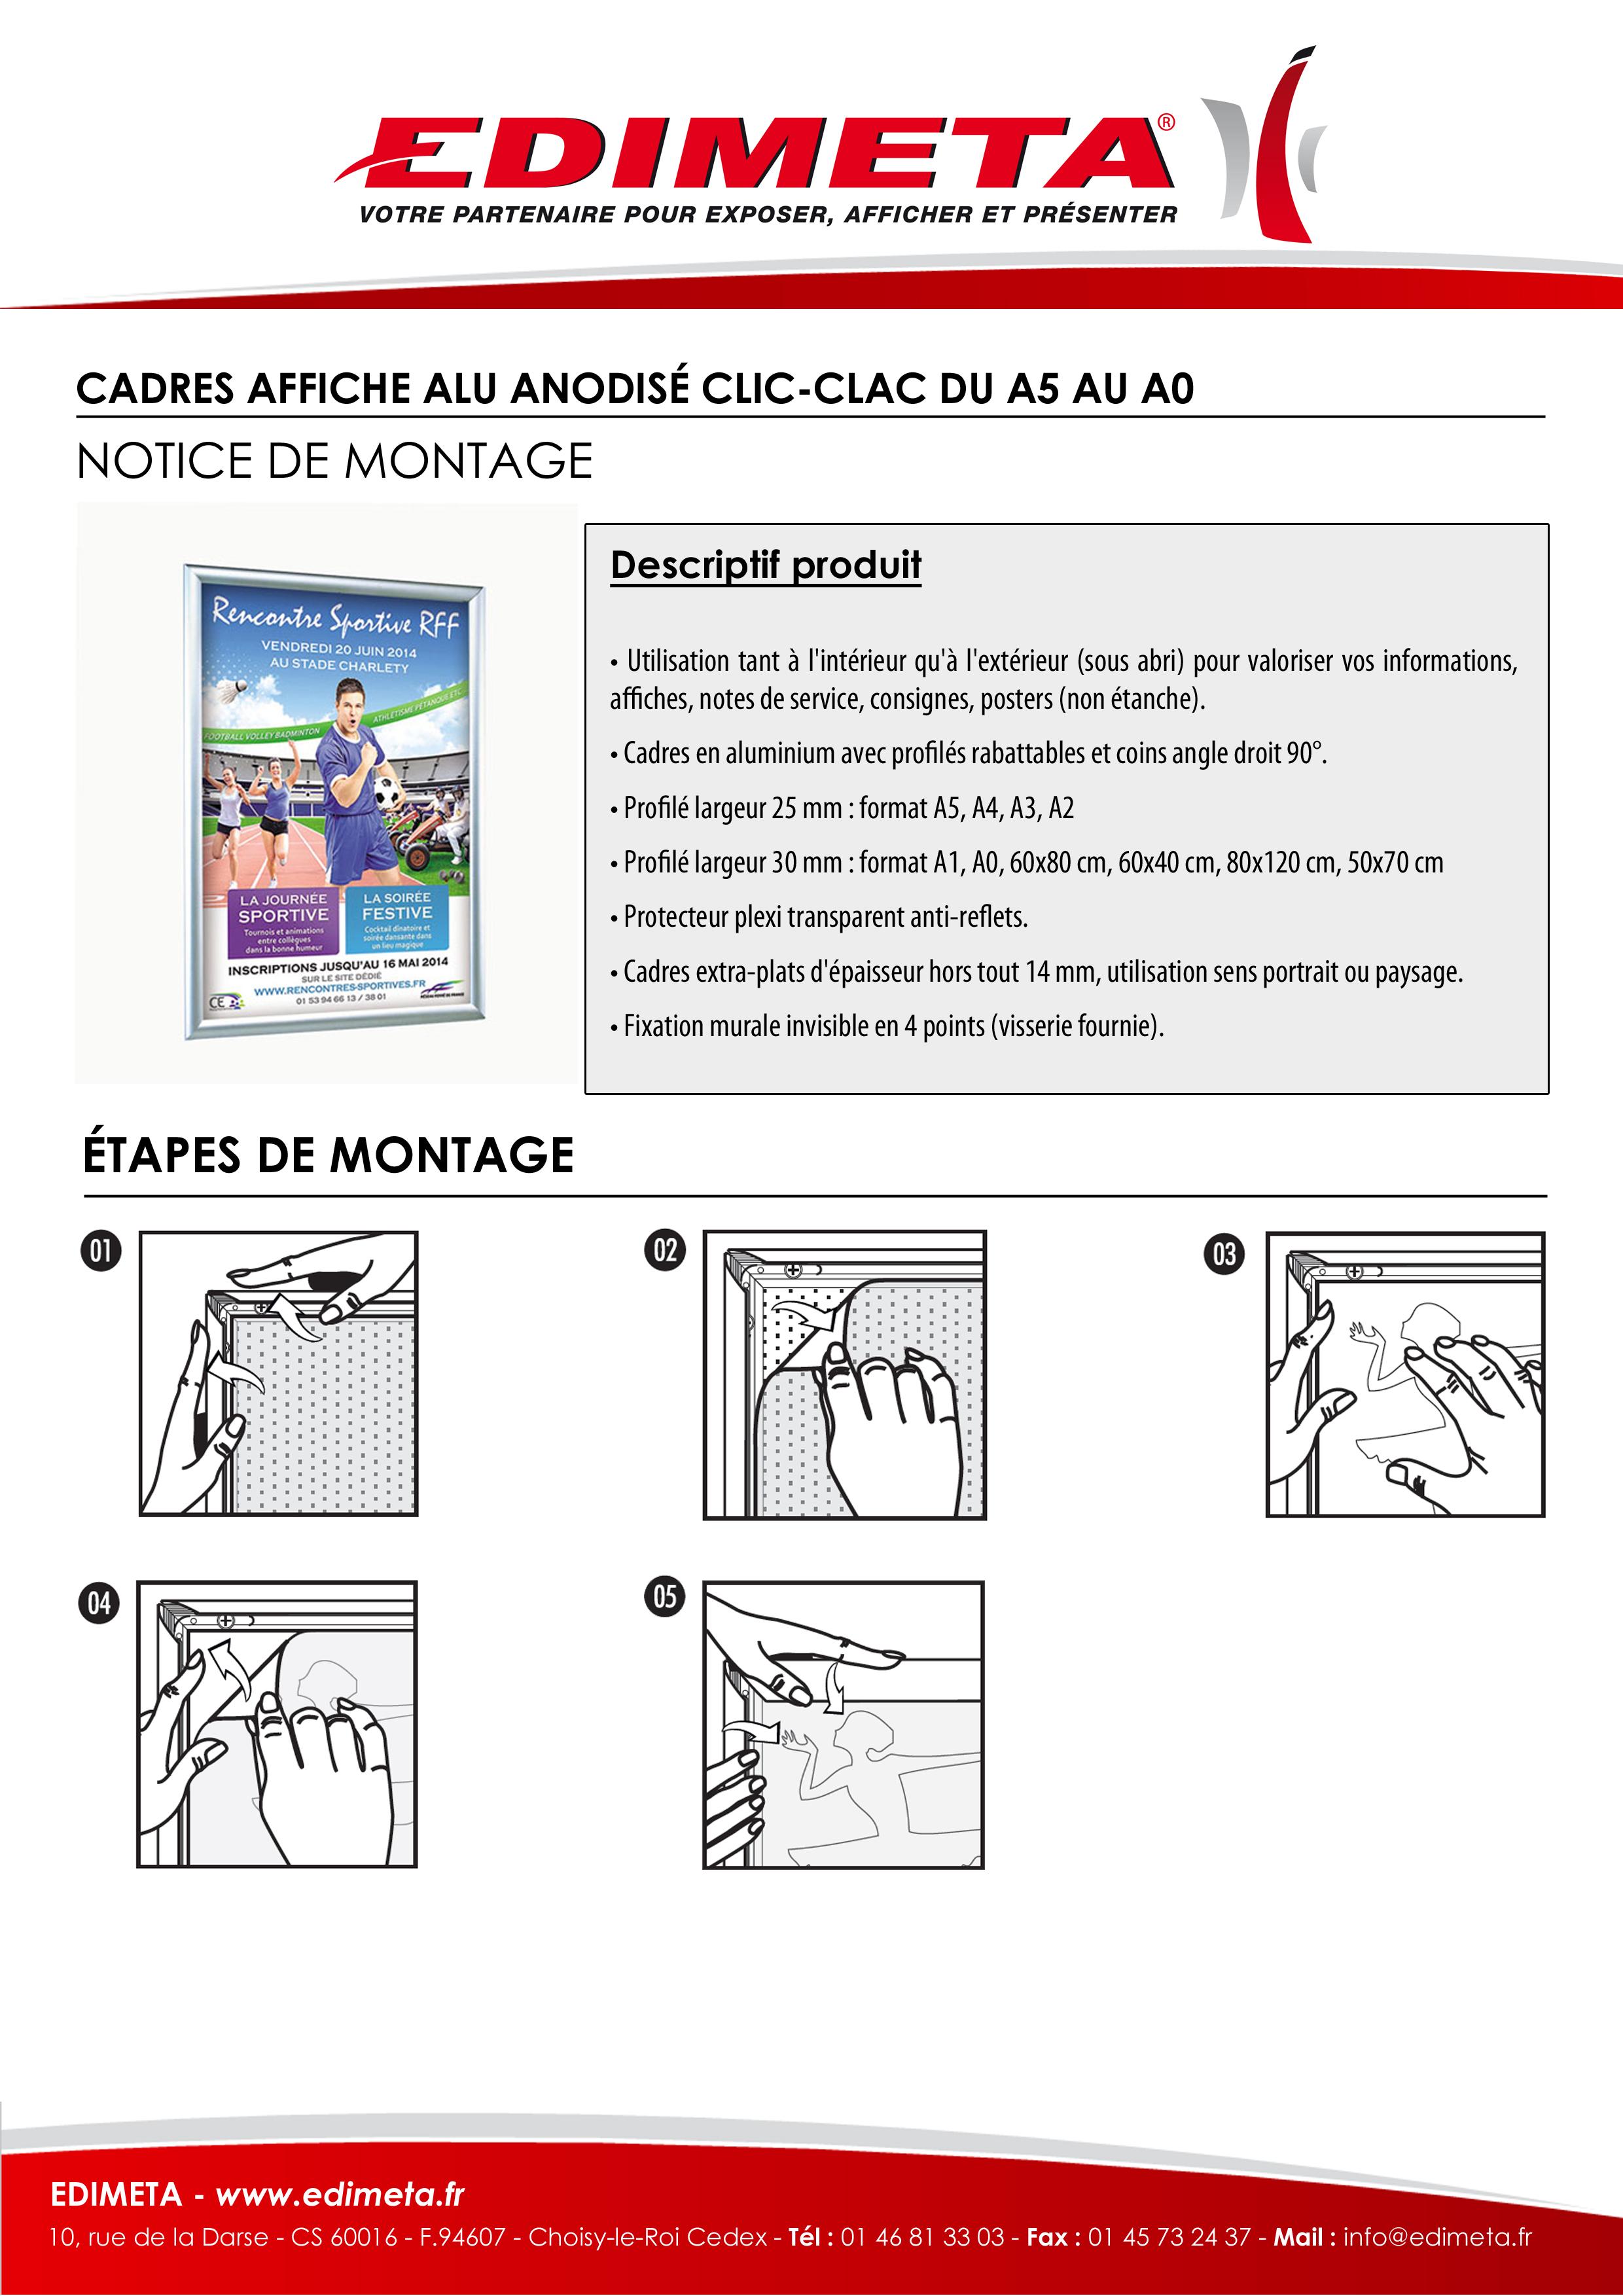 NOTICE DE MONTAGE : CADRE AFFICHE ALU ANODISÉ CLIC-CLAC DU A5 AU A0